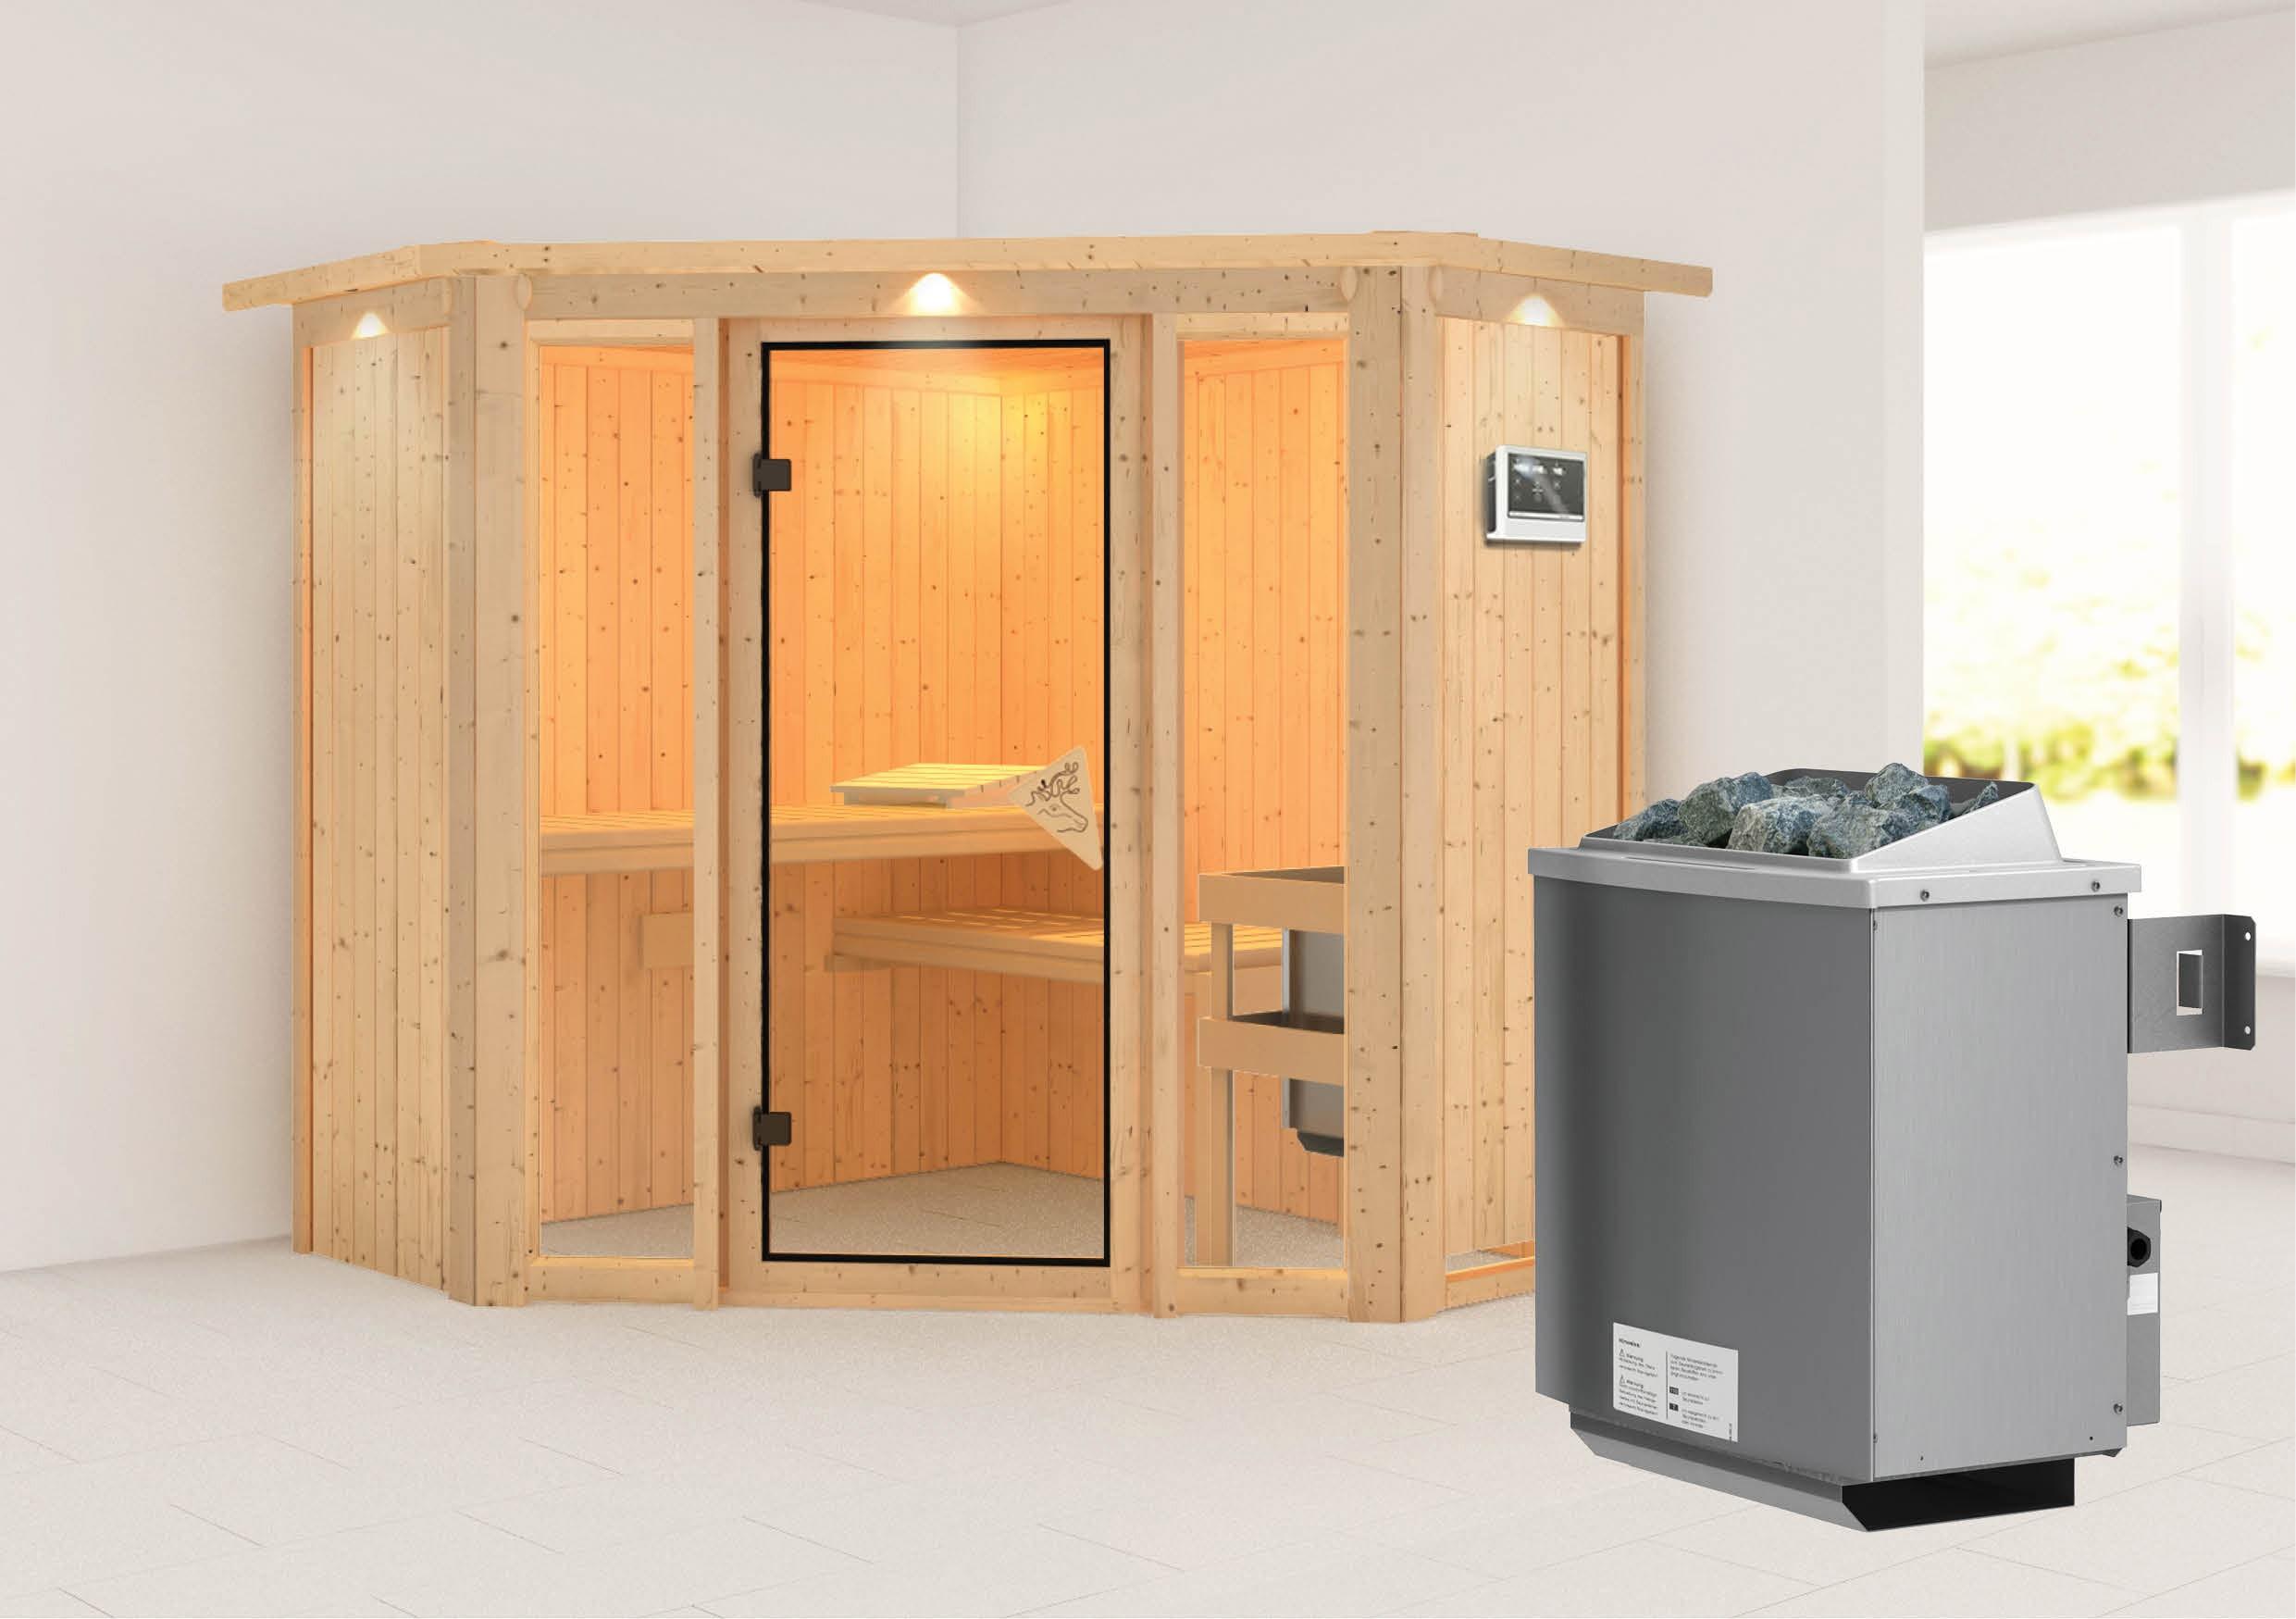 Karibu Sauna Flora 1 68mm Dachkranz + Ofen 9kW extern classic Tür Bild 1